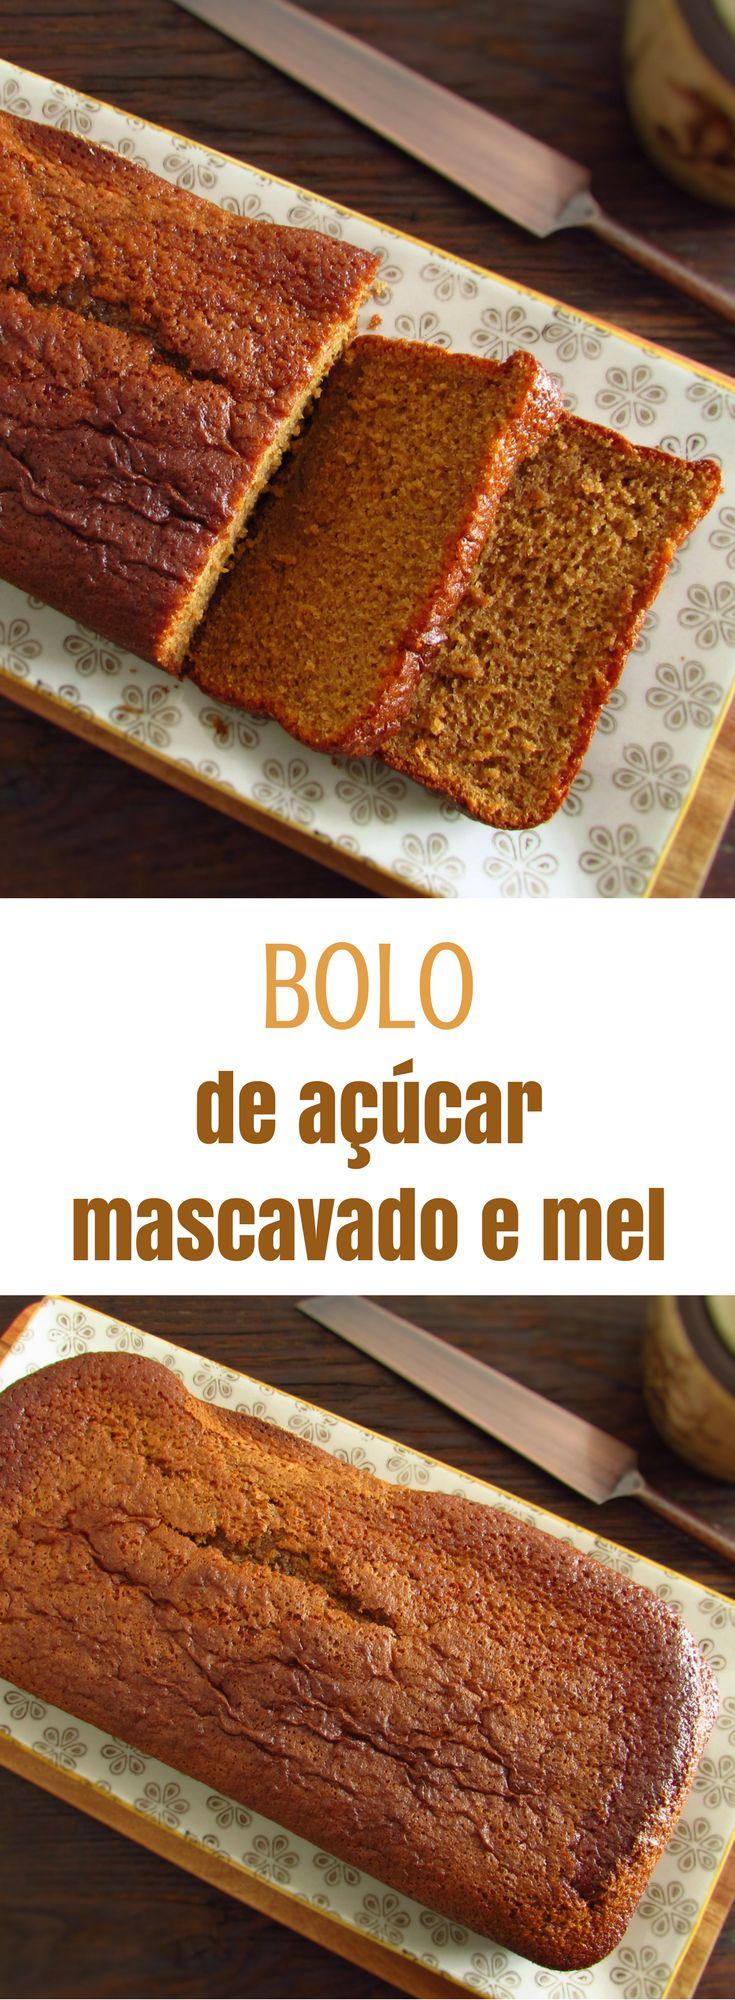 Bolo de açúcar mascavado e mel | Food From Portugal. Numa tarde fria de Inverno, apetece sempre uma fatia de bolo reconfortante com uma chávena de chá bem quente. Sugerimos um bolo de açúcar mascavado com o delicioso aroma do mel que lhe vai proporcionar uma bela tarde com amigos! #bolo #receita #açúcar #mel